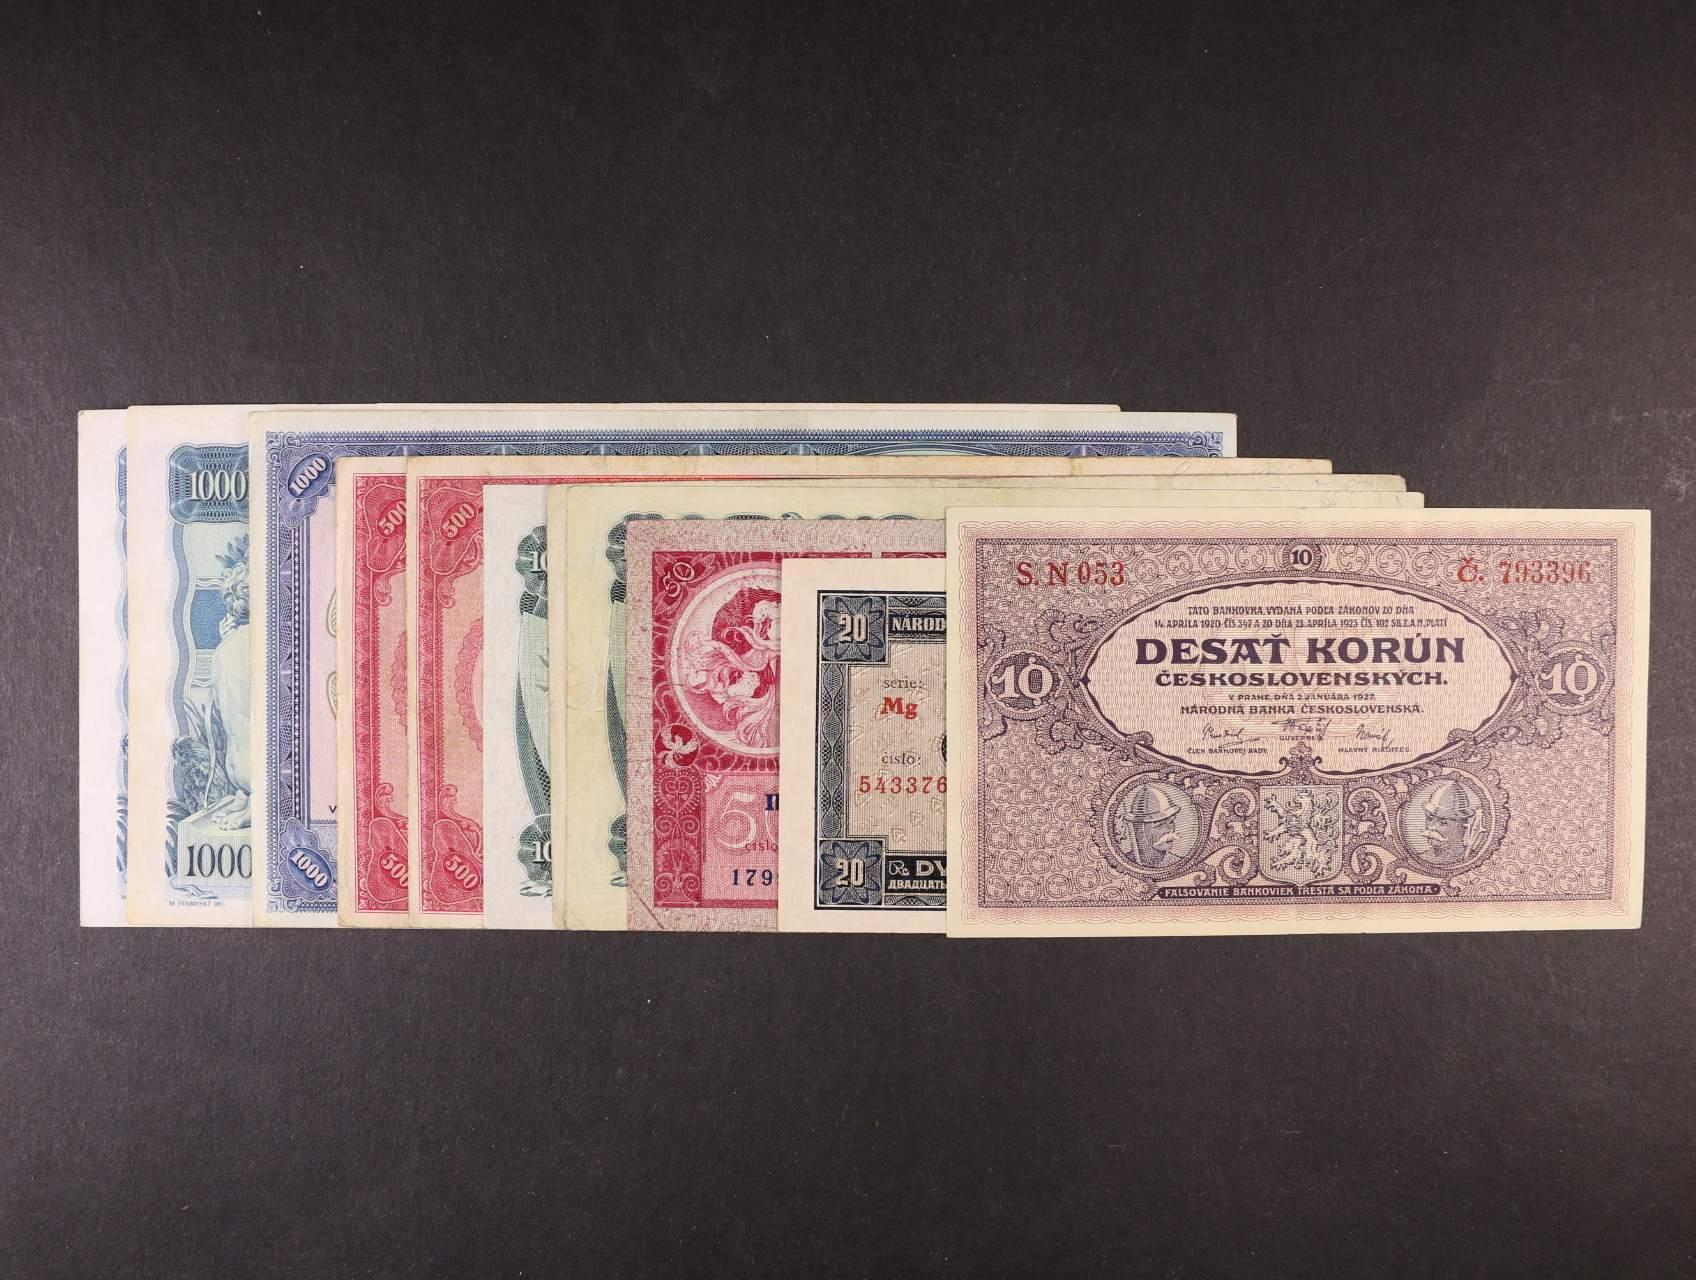 sada bankovek - 10 Kč 1927 sér. N, 20 Kč 1926, 50 Kč 1929, 100 Kč 1931 I.vyd., II.vyd., III.vyd., 500 Kč 1929 sér. C, D, 1000 kč 1932 sér. C, 1000 Kč 1934 sér. G, J, celkem 11ks